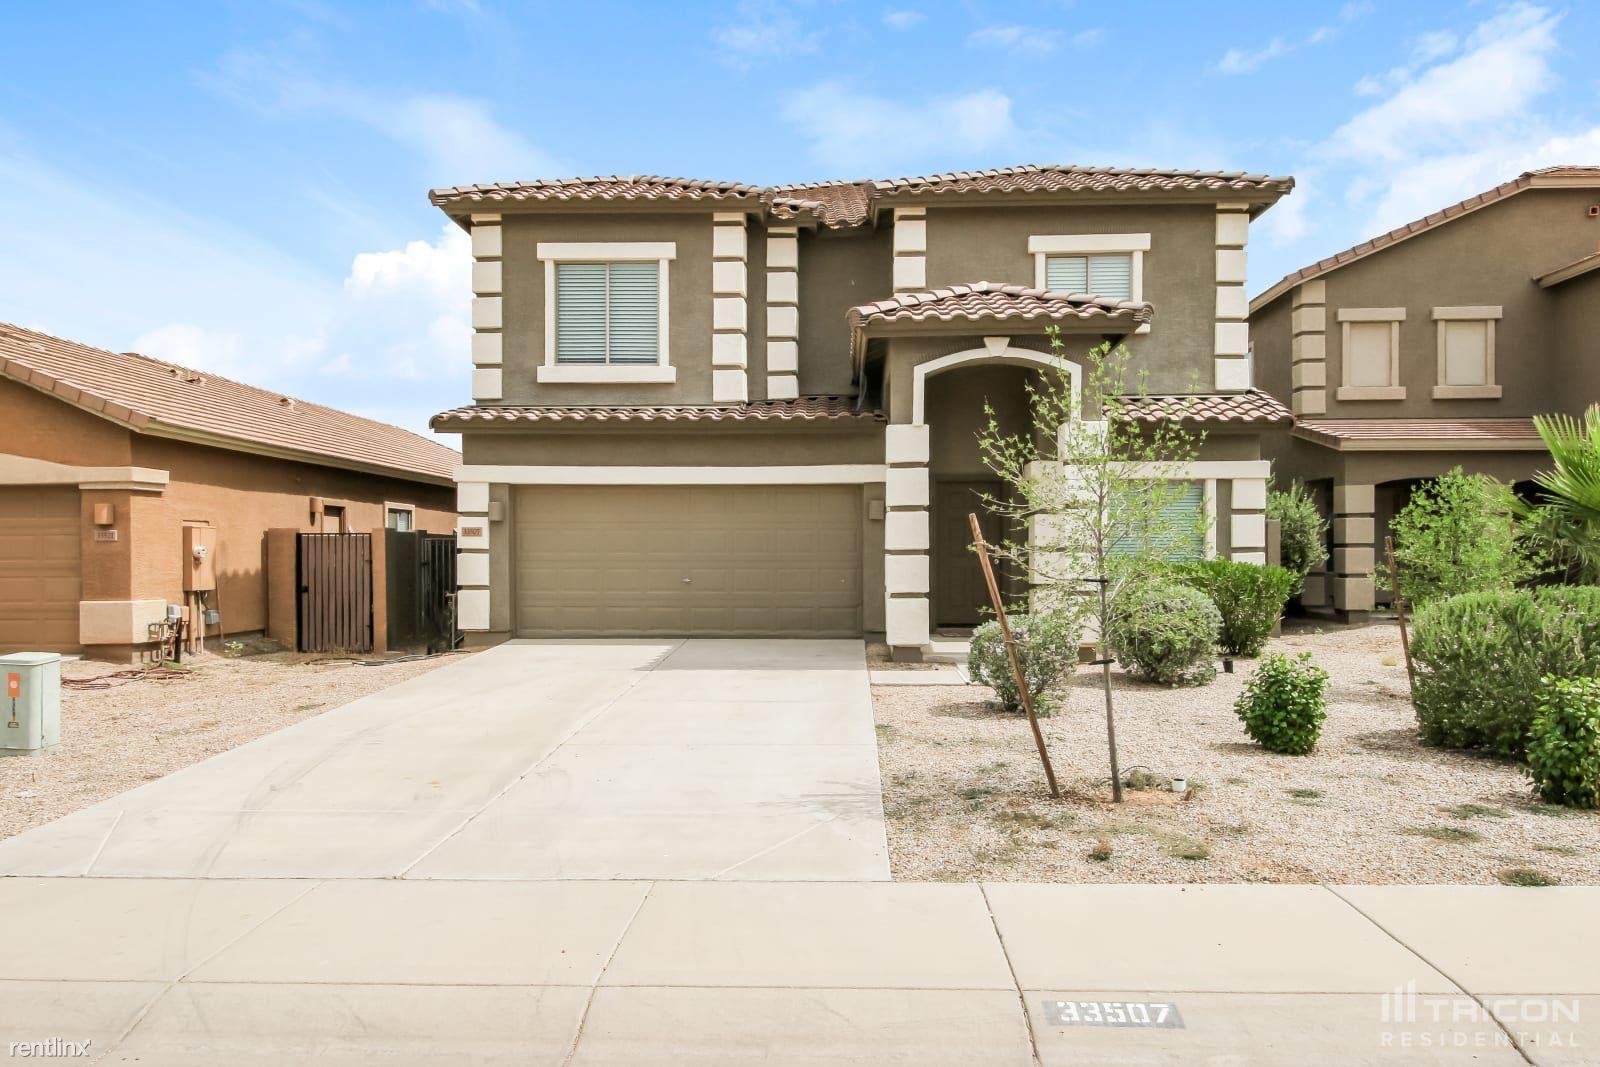 33507 N SLATE CREEK DR, San Tan Valley, AZ - 2,499 USD/ month